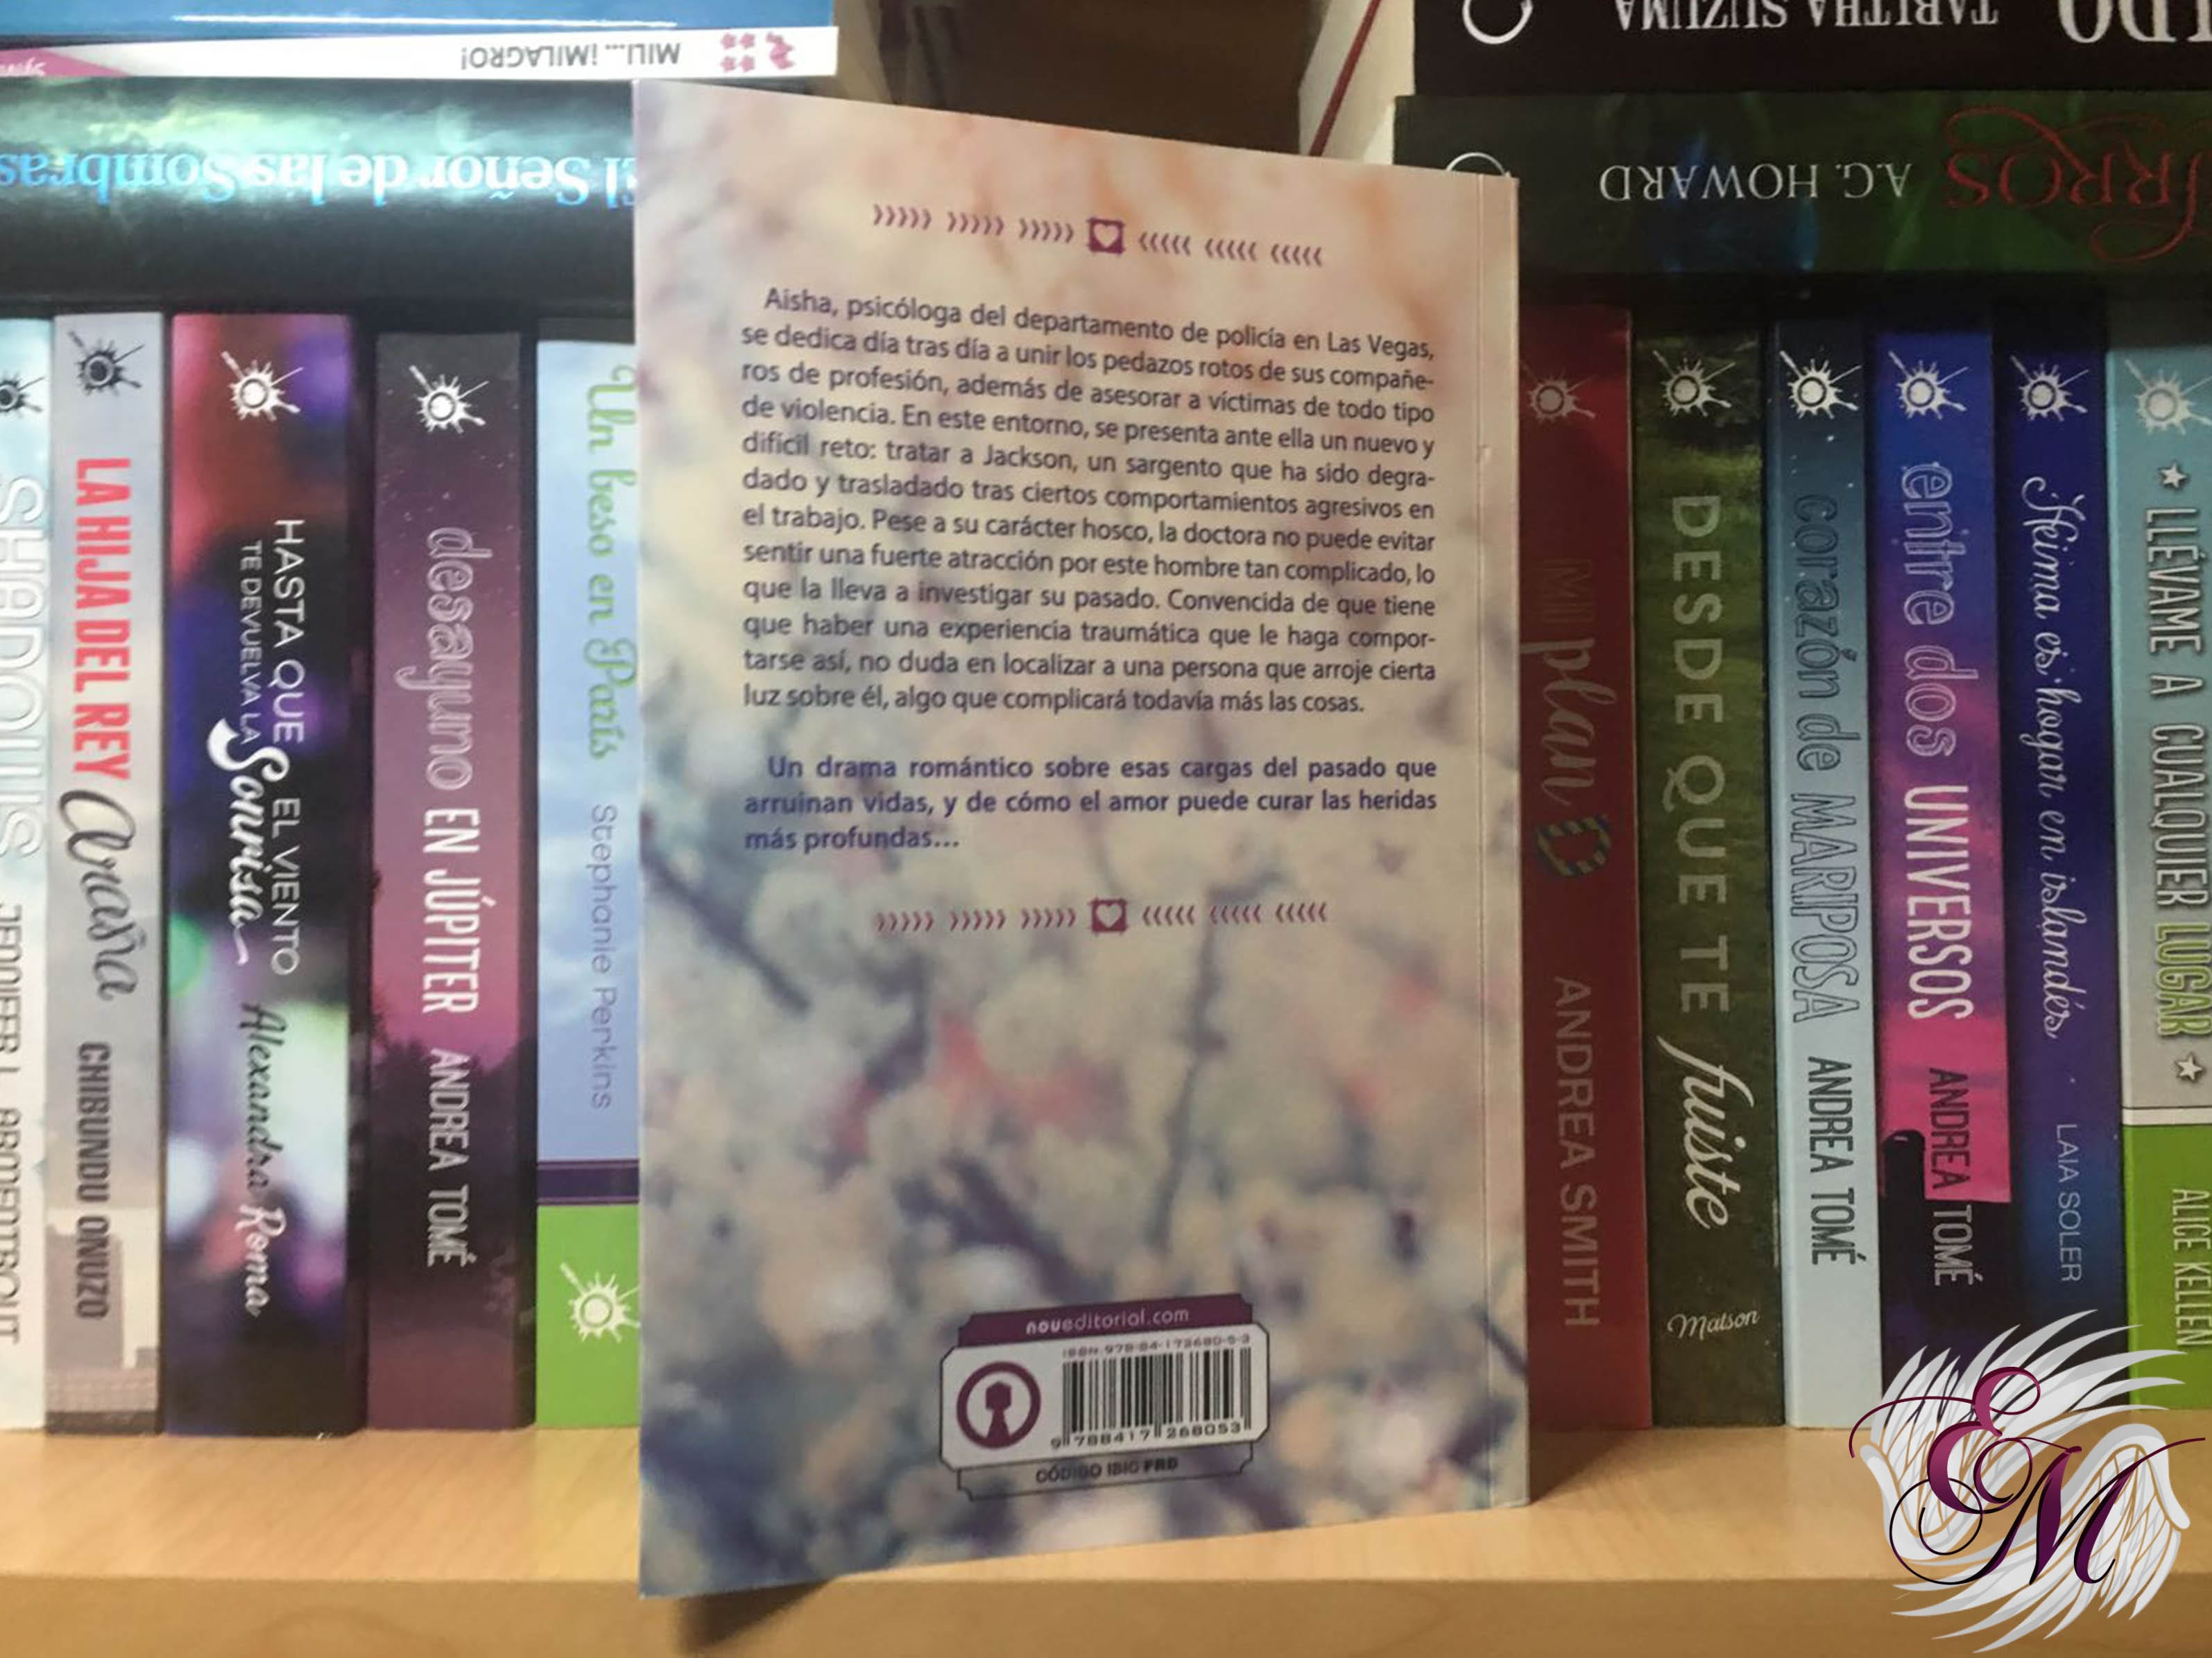 Déjame quererte, de Idoia Amo y Eva M. Soler - Reseña